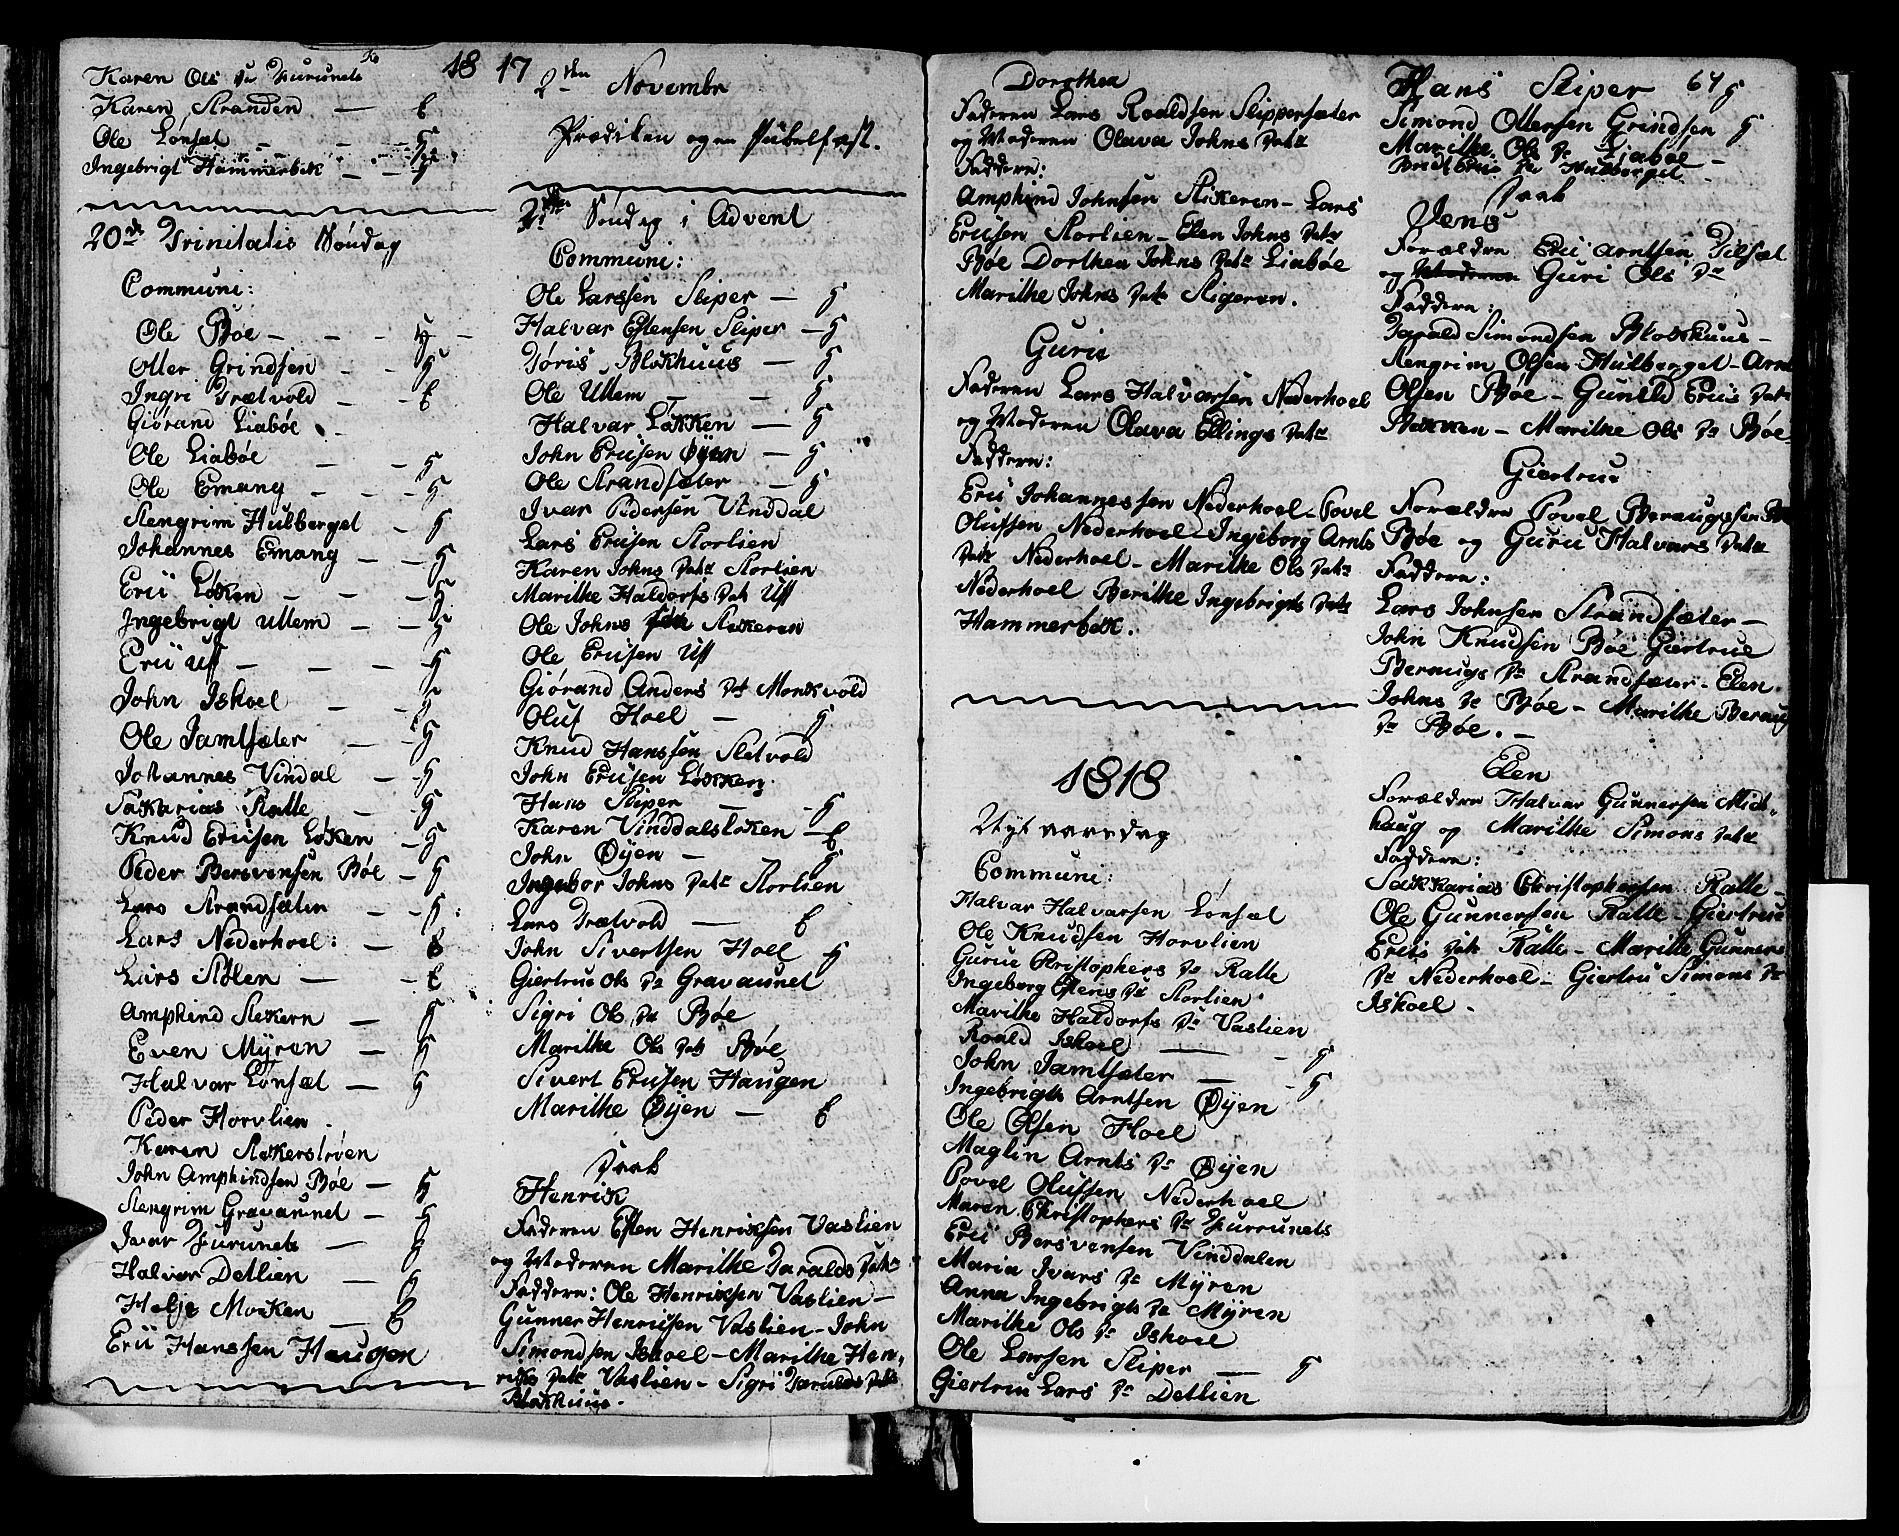 SAT, Ministerialprotokoller, klokkerbøker og fødselsregistre - Sør-Trøndelag, 679/L0921: Klokkerbok nr. 679C01, 1792-1840, s. 64